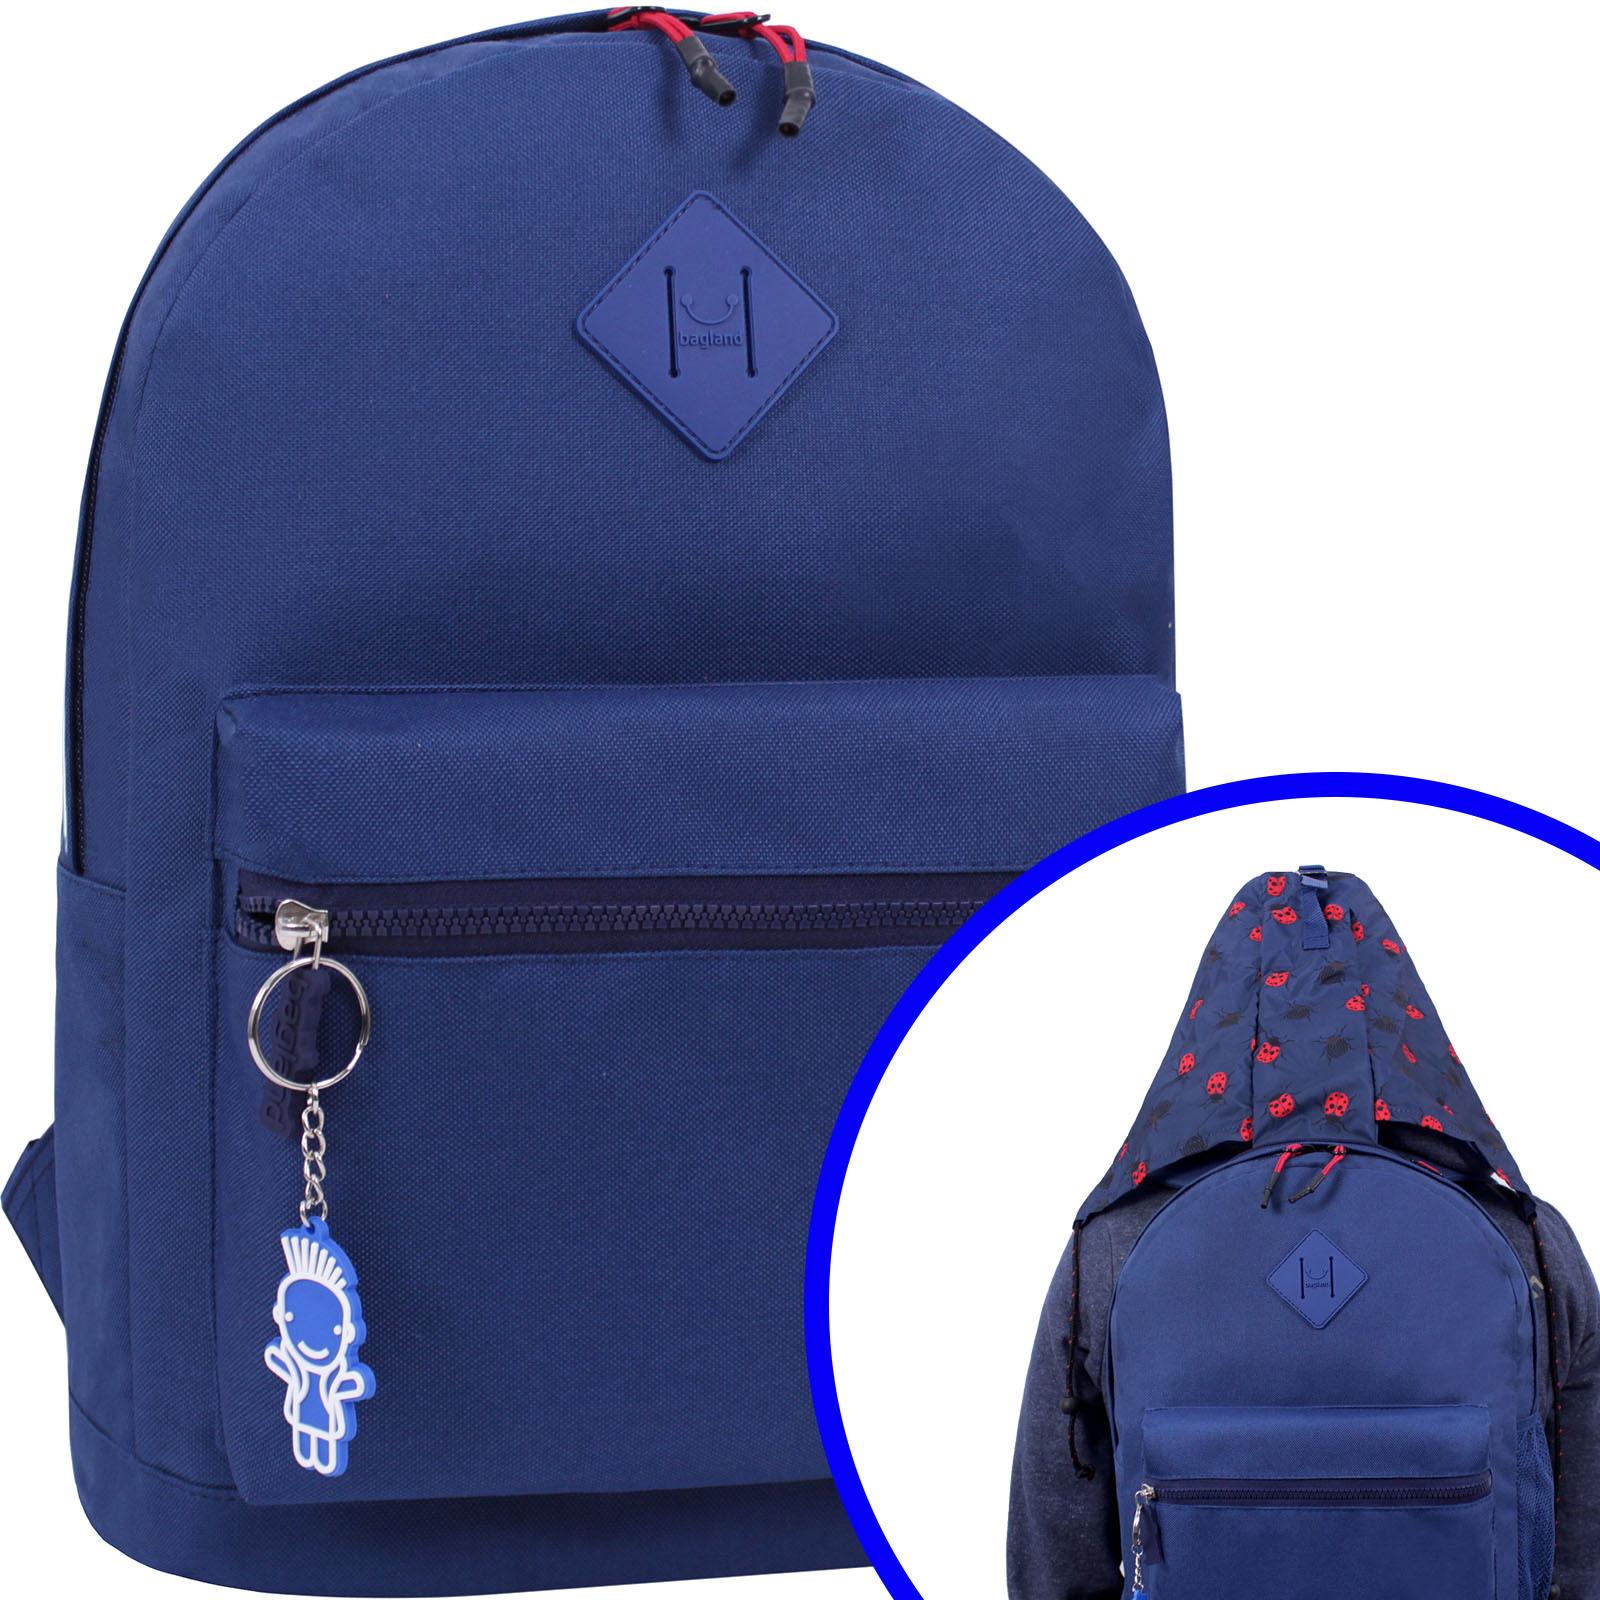 Городские рюкзаки Рюкзак Bagland Hood W/R 17 л. синий 453 (0054466) Вариант_3.jpg